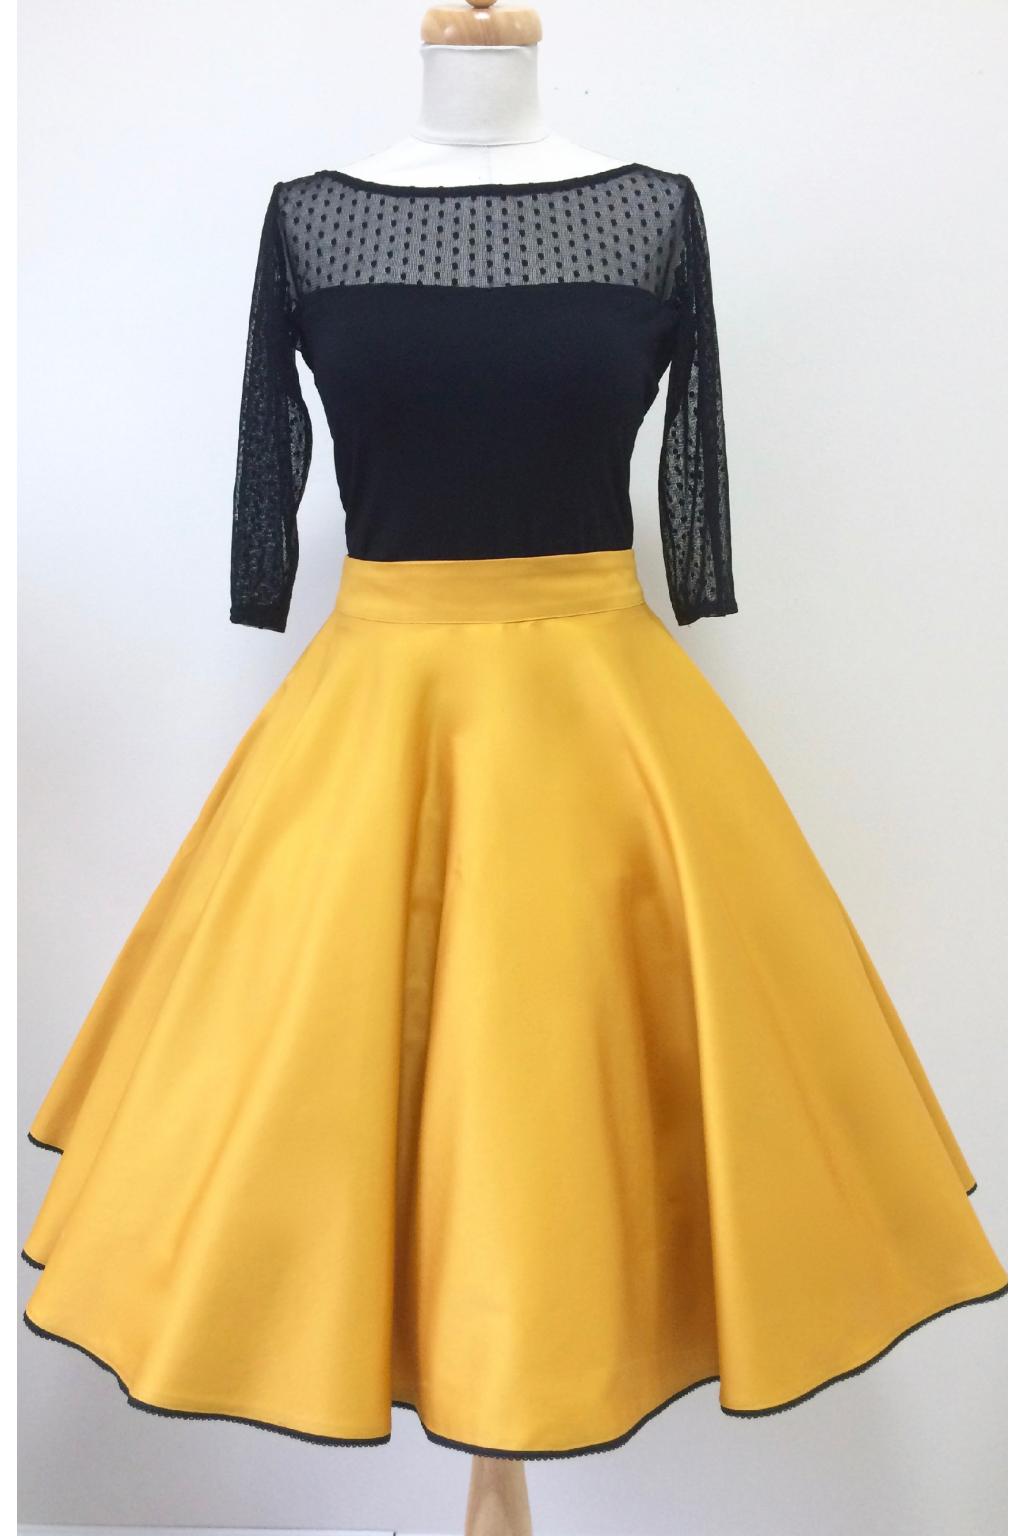 cef5a77c246c Kolová sukně hořčicová - více barev - MiaBella